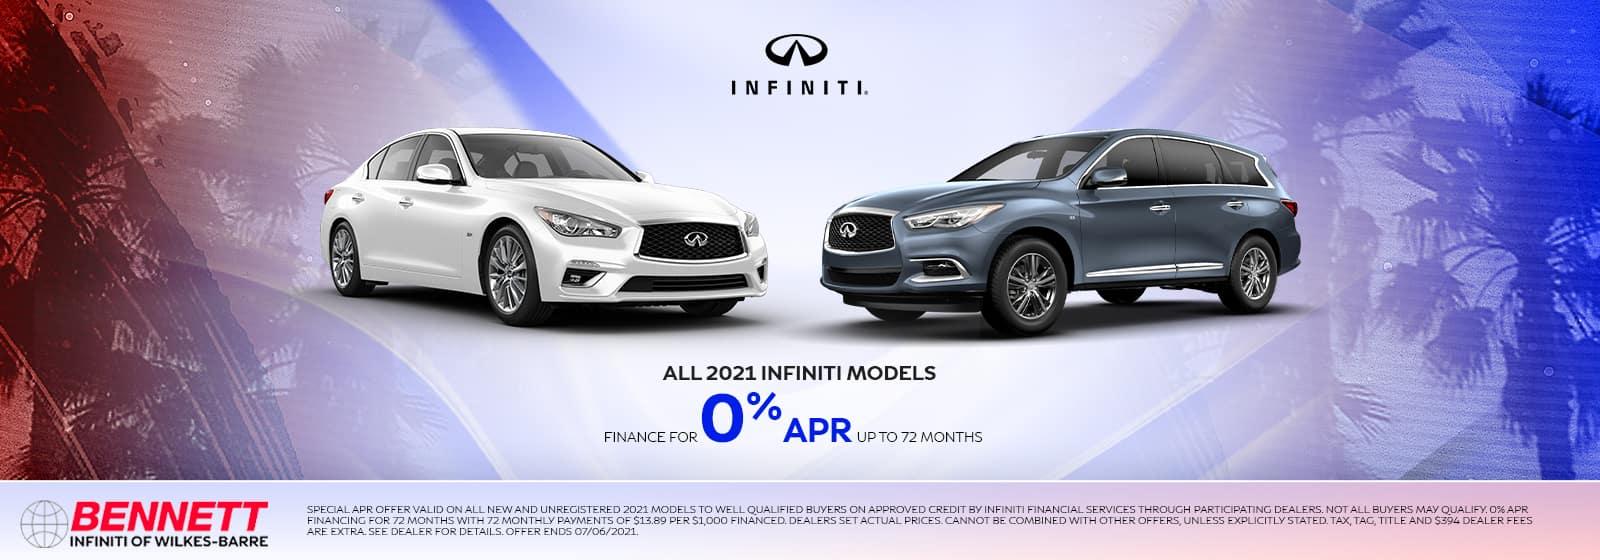 INF70453_BAG_InfinitiWB_21Jun_Sales_All2021Models_1600x560